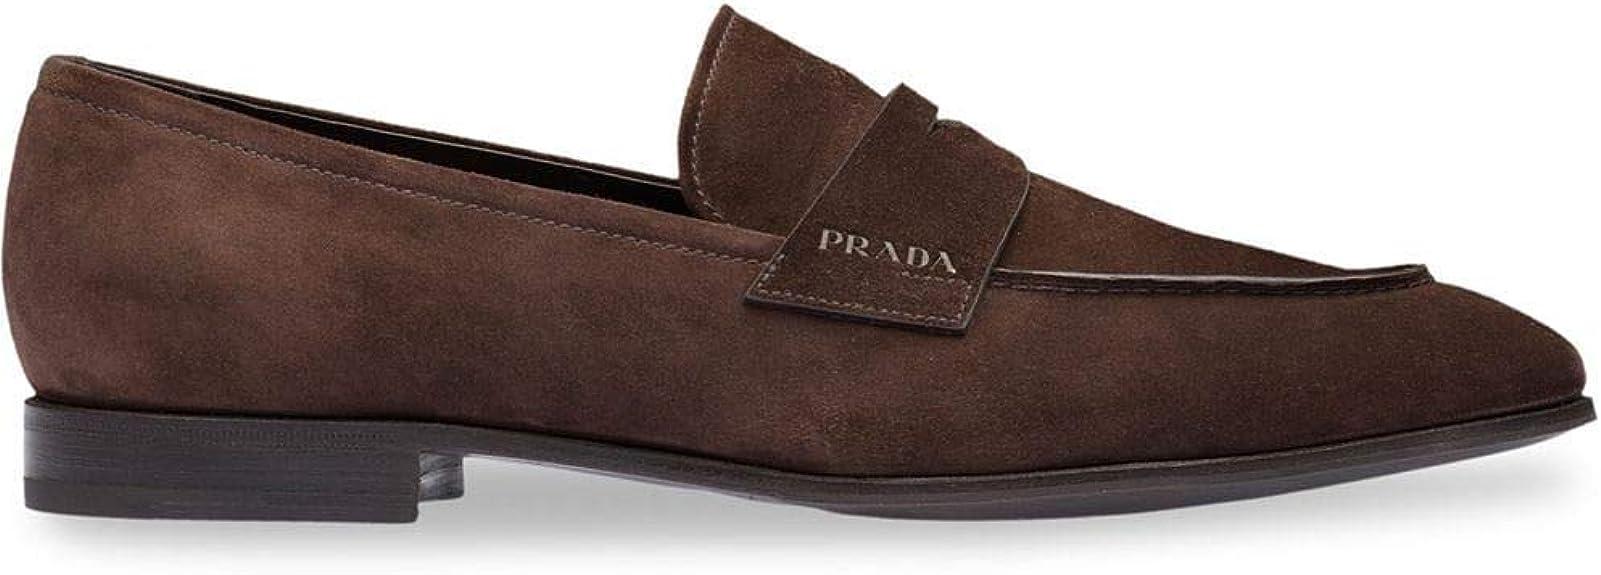 Prada Fashion Man 2DB185103F0003 Brown